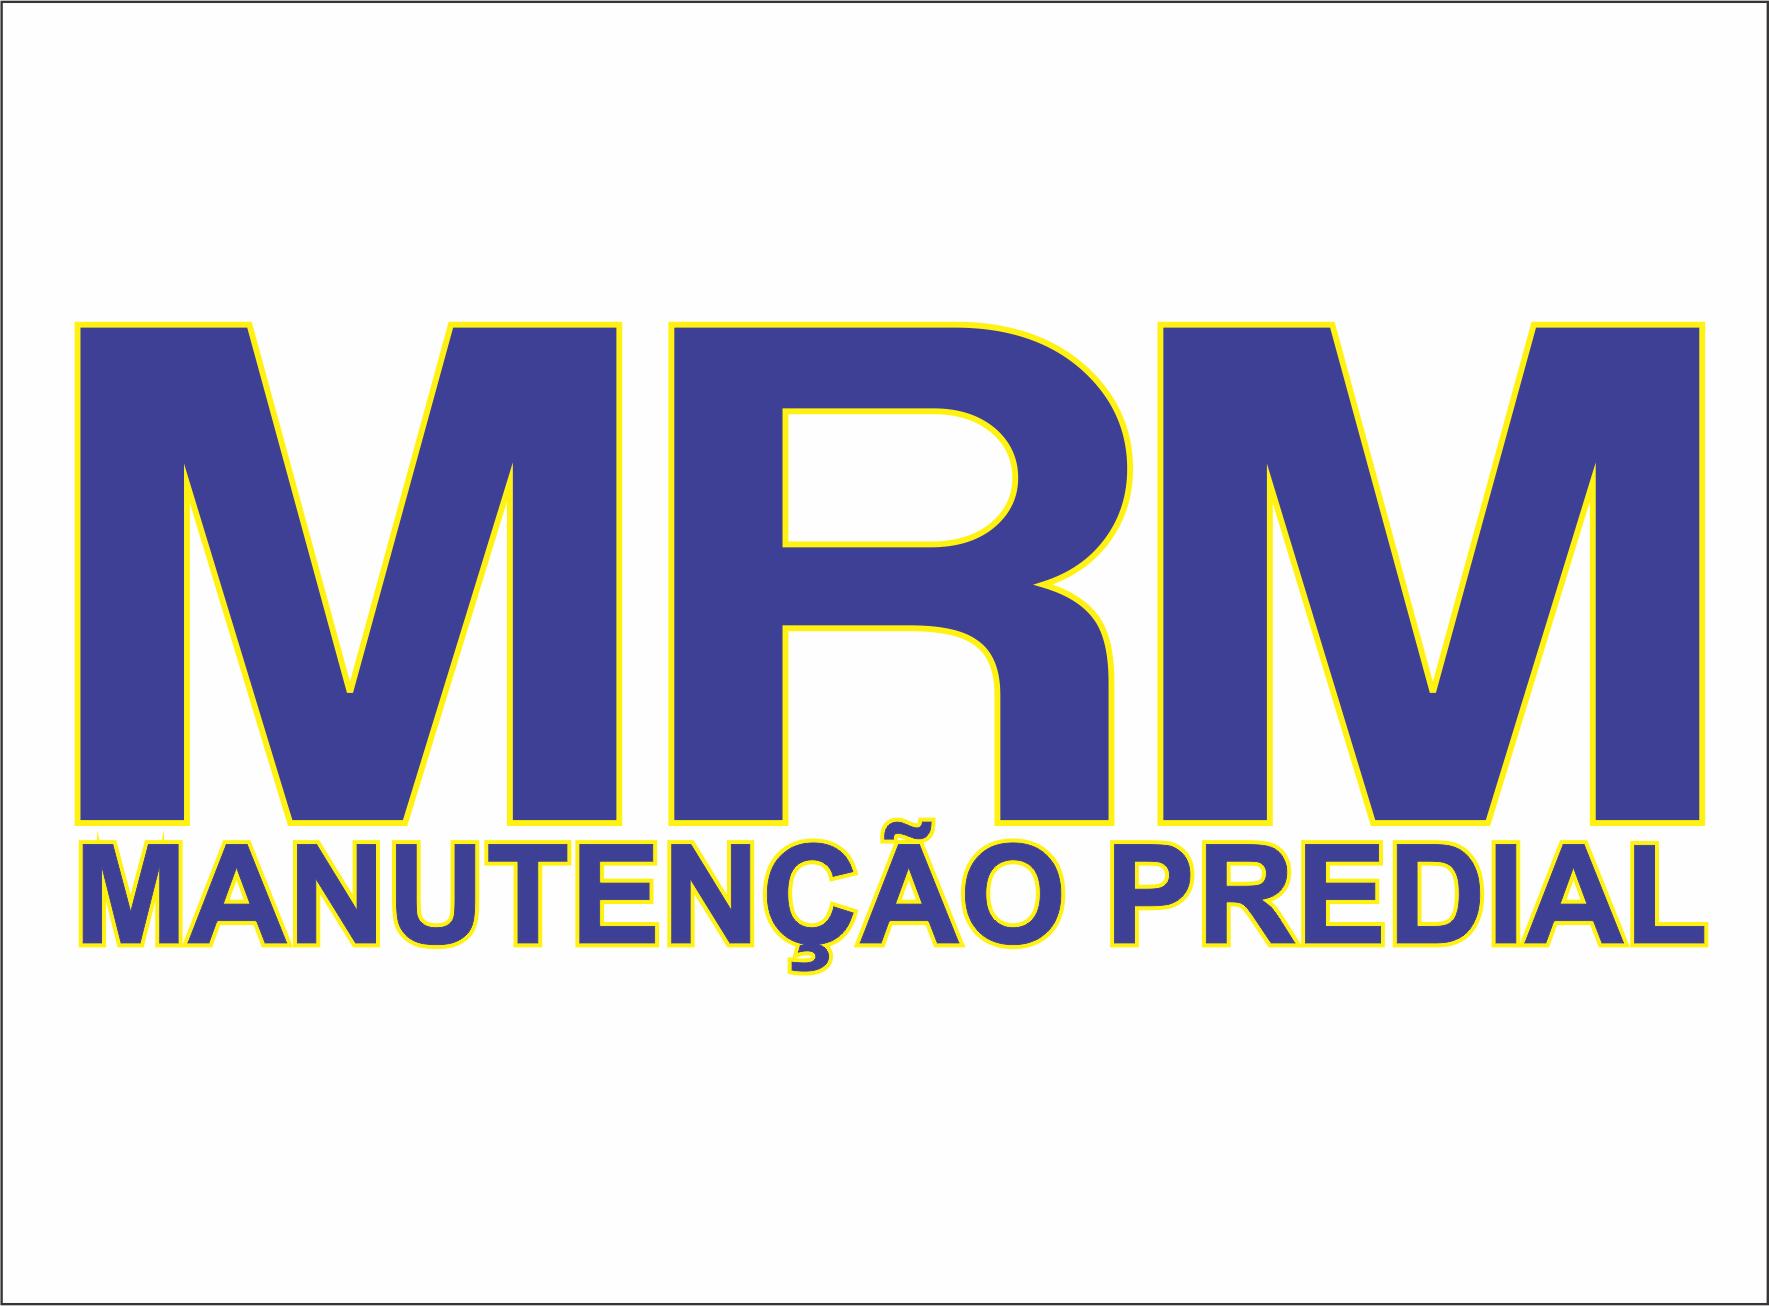 Mrm Manutenção Predial